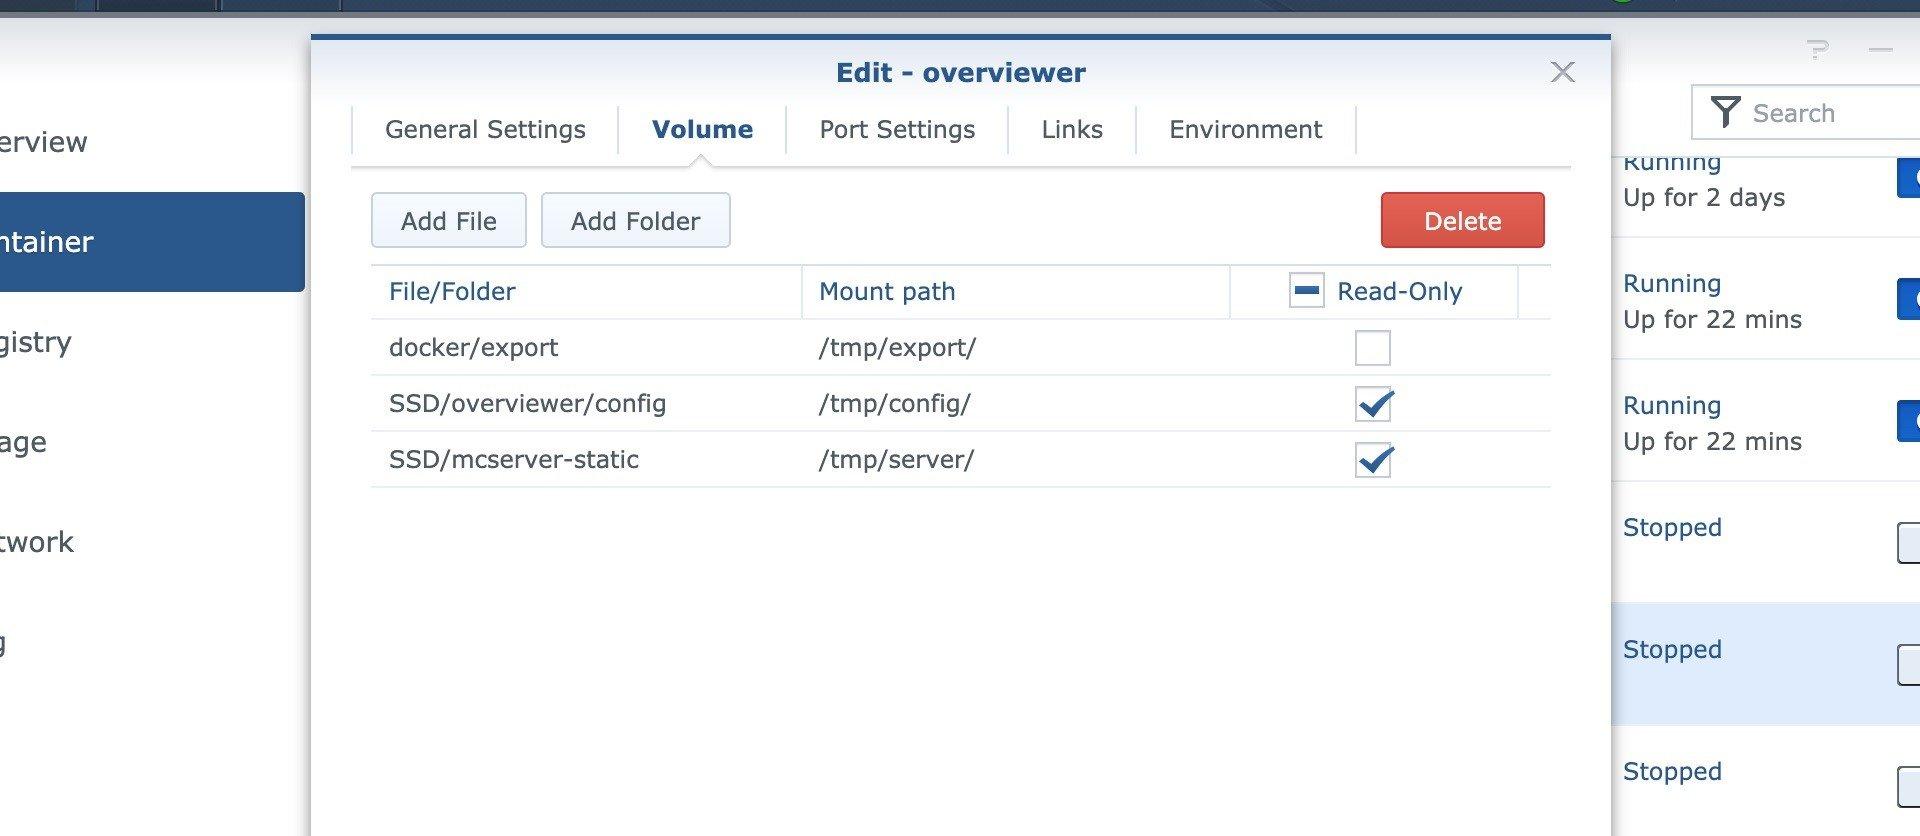 Konfiguration von Overviewer über die Oberfläche von DSM